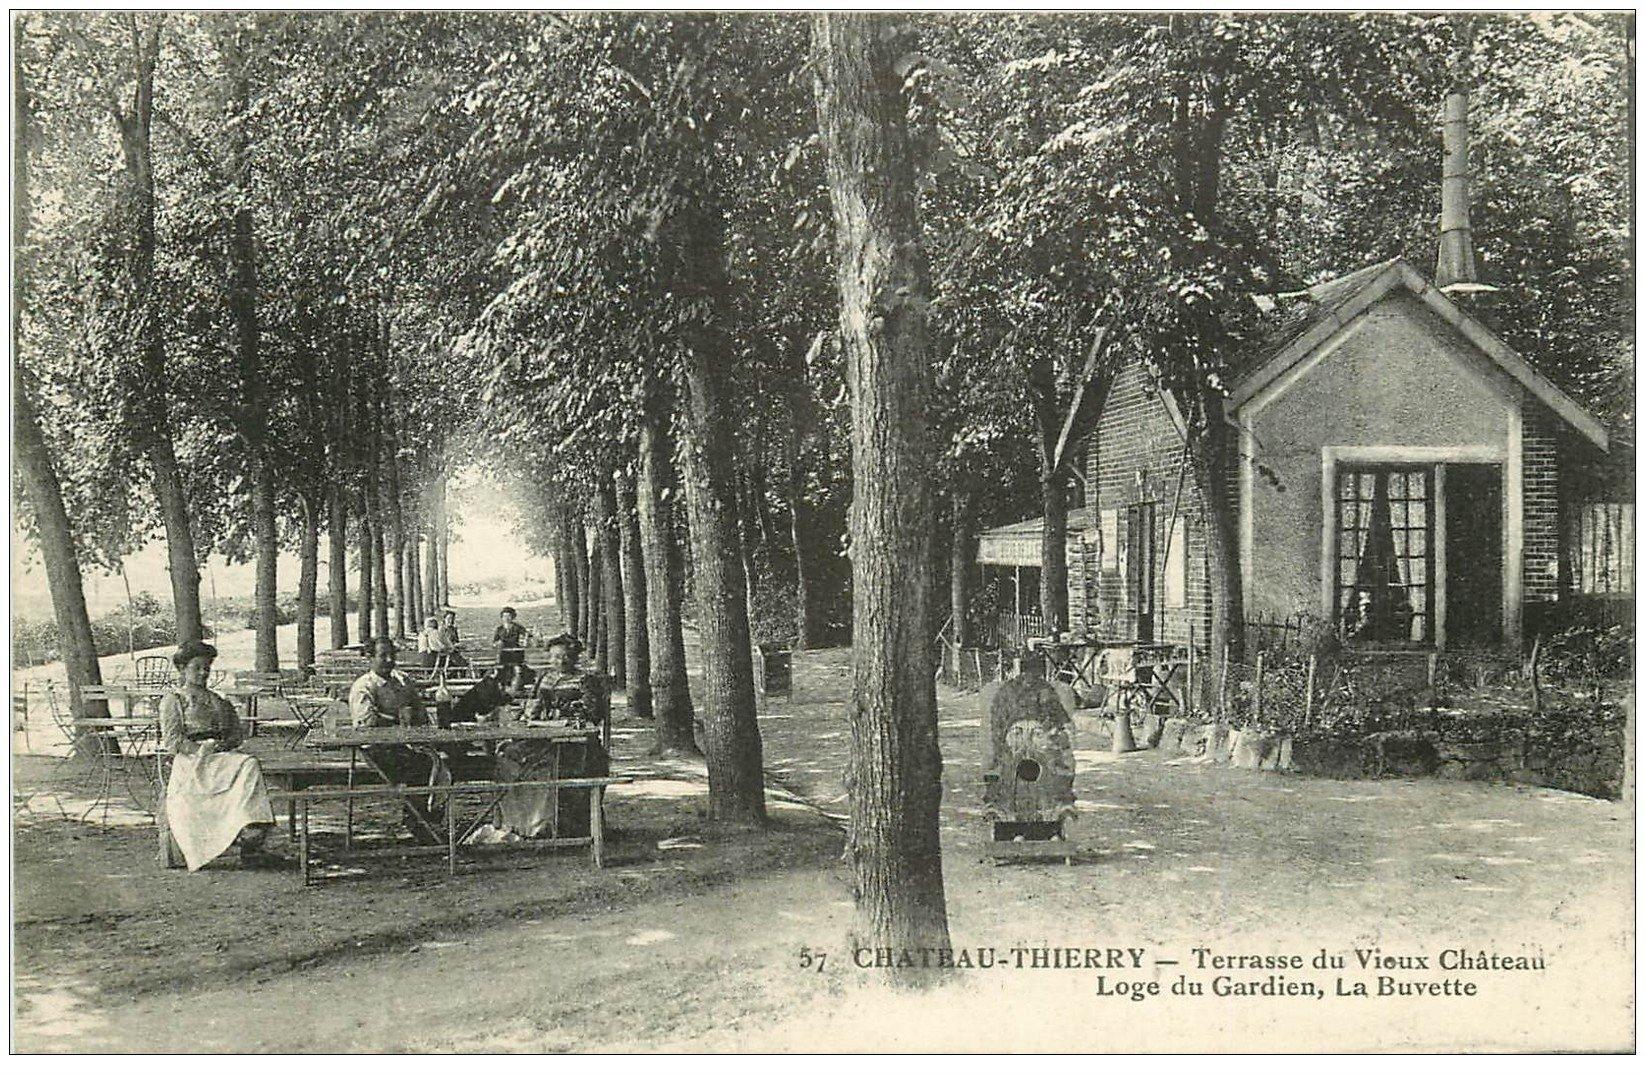 carte postale ancienne 02 CHATEAU-THIERRY. Loge du Gardien. La Buvette 1917 Terrasse du Château